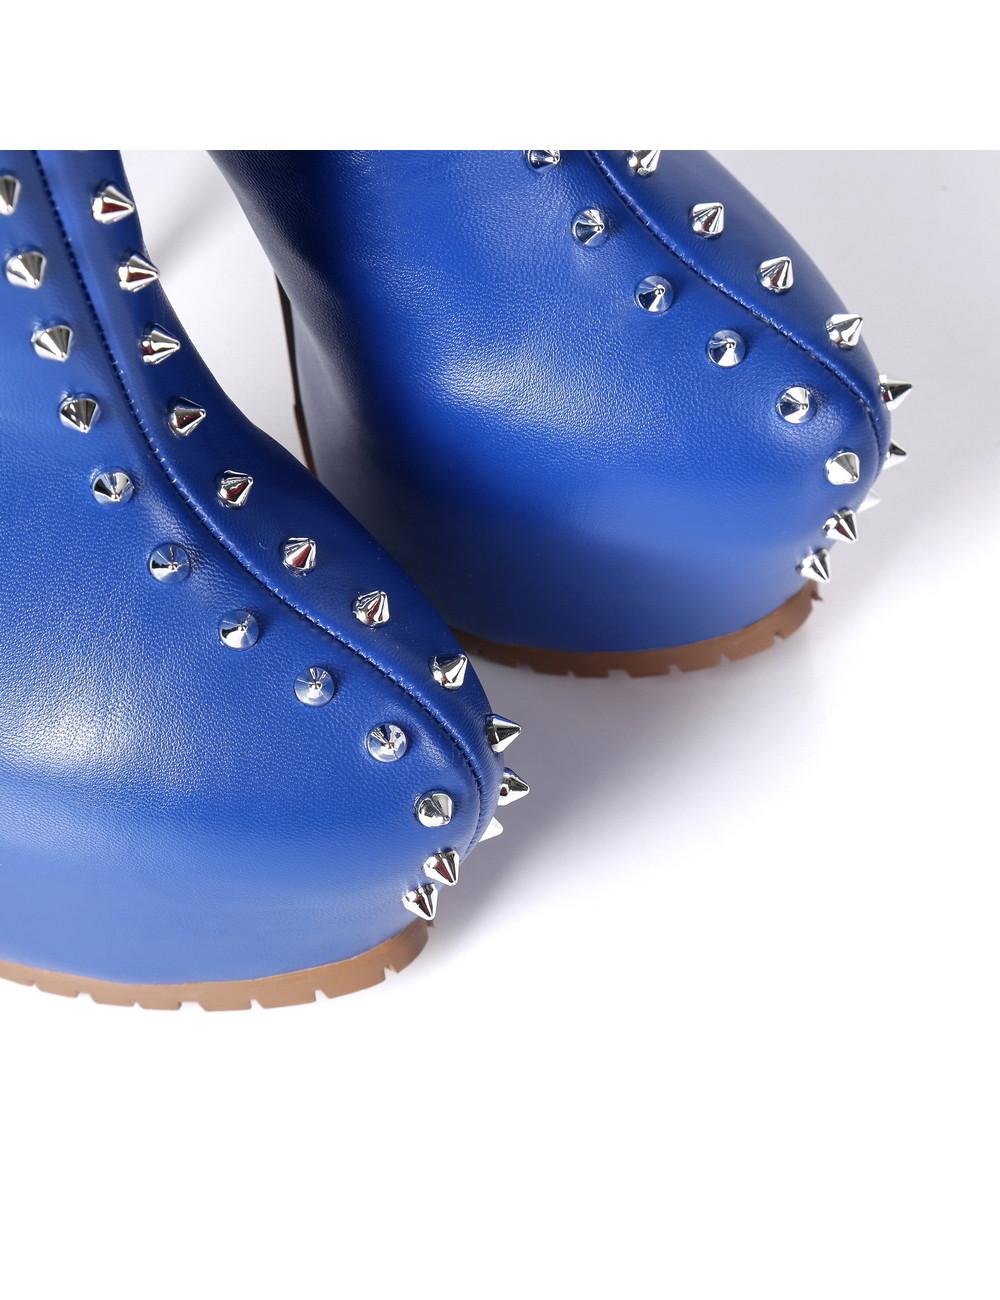 Giaro Giaro SOPHIA blauw studded dijlaarzen met profiel